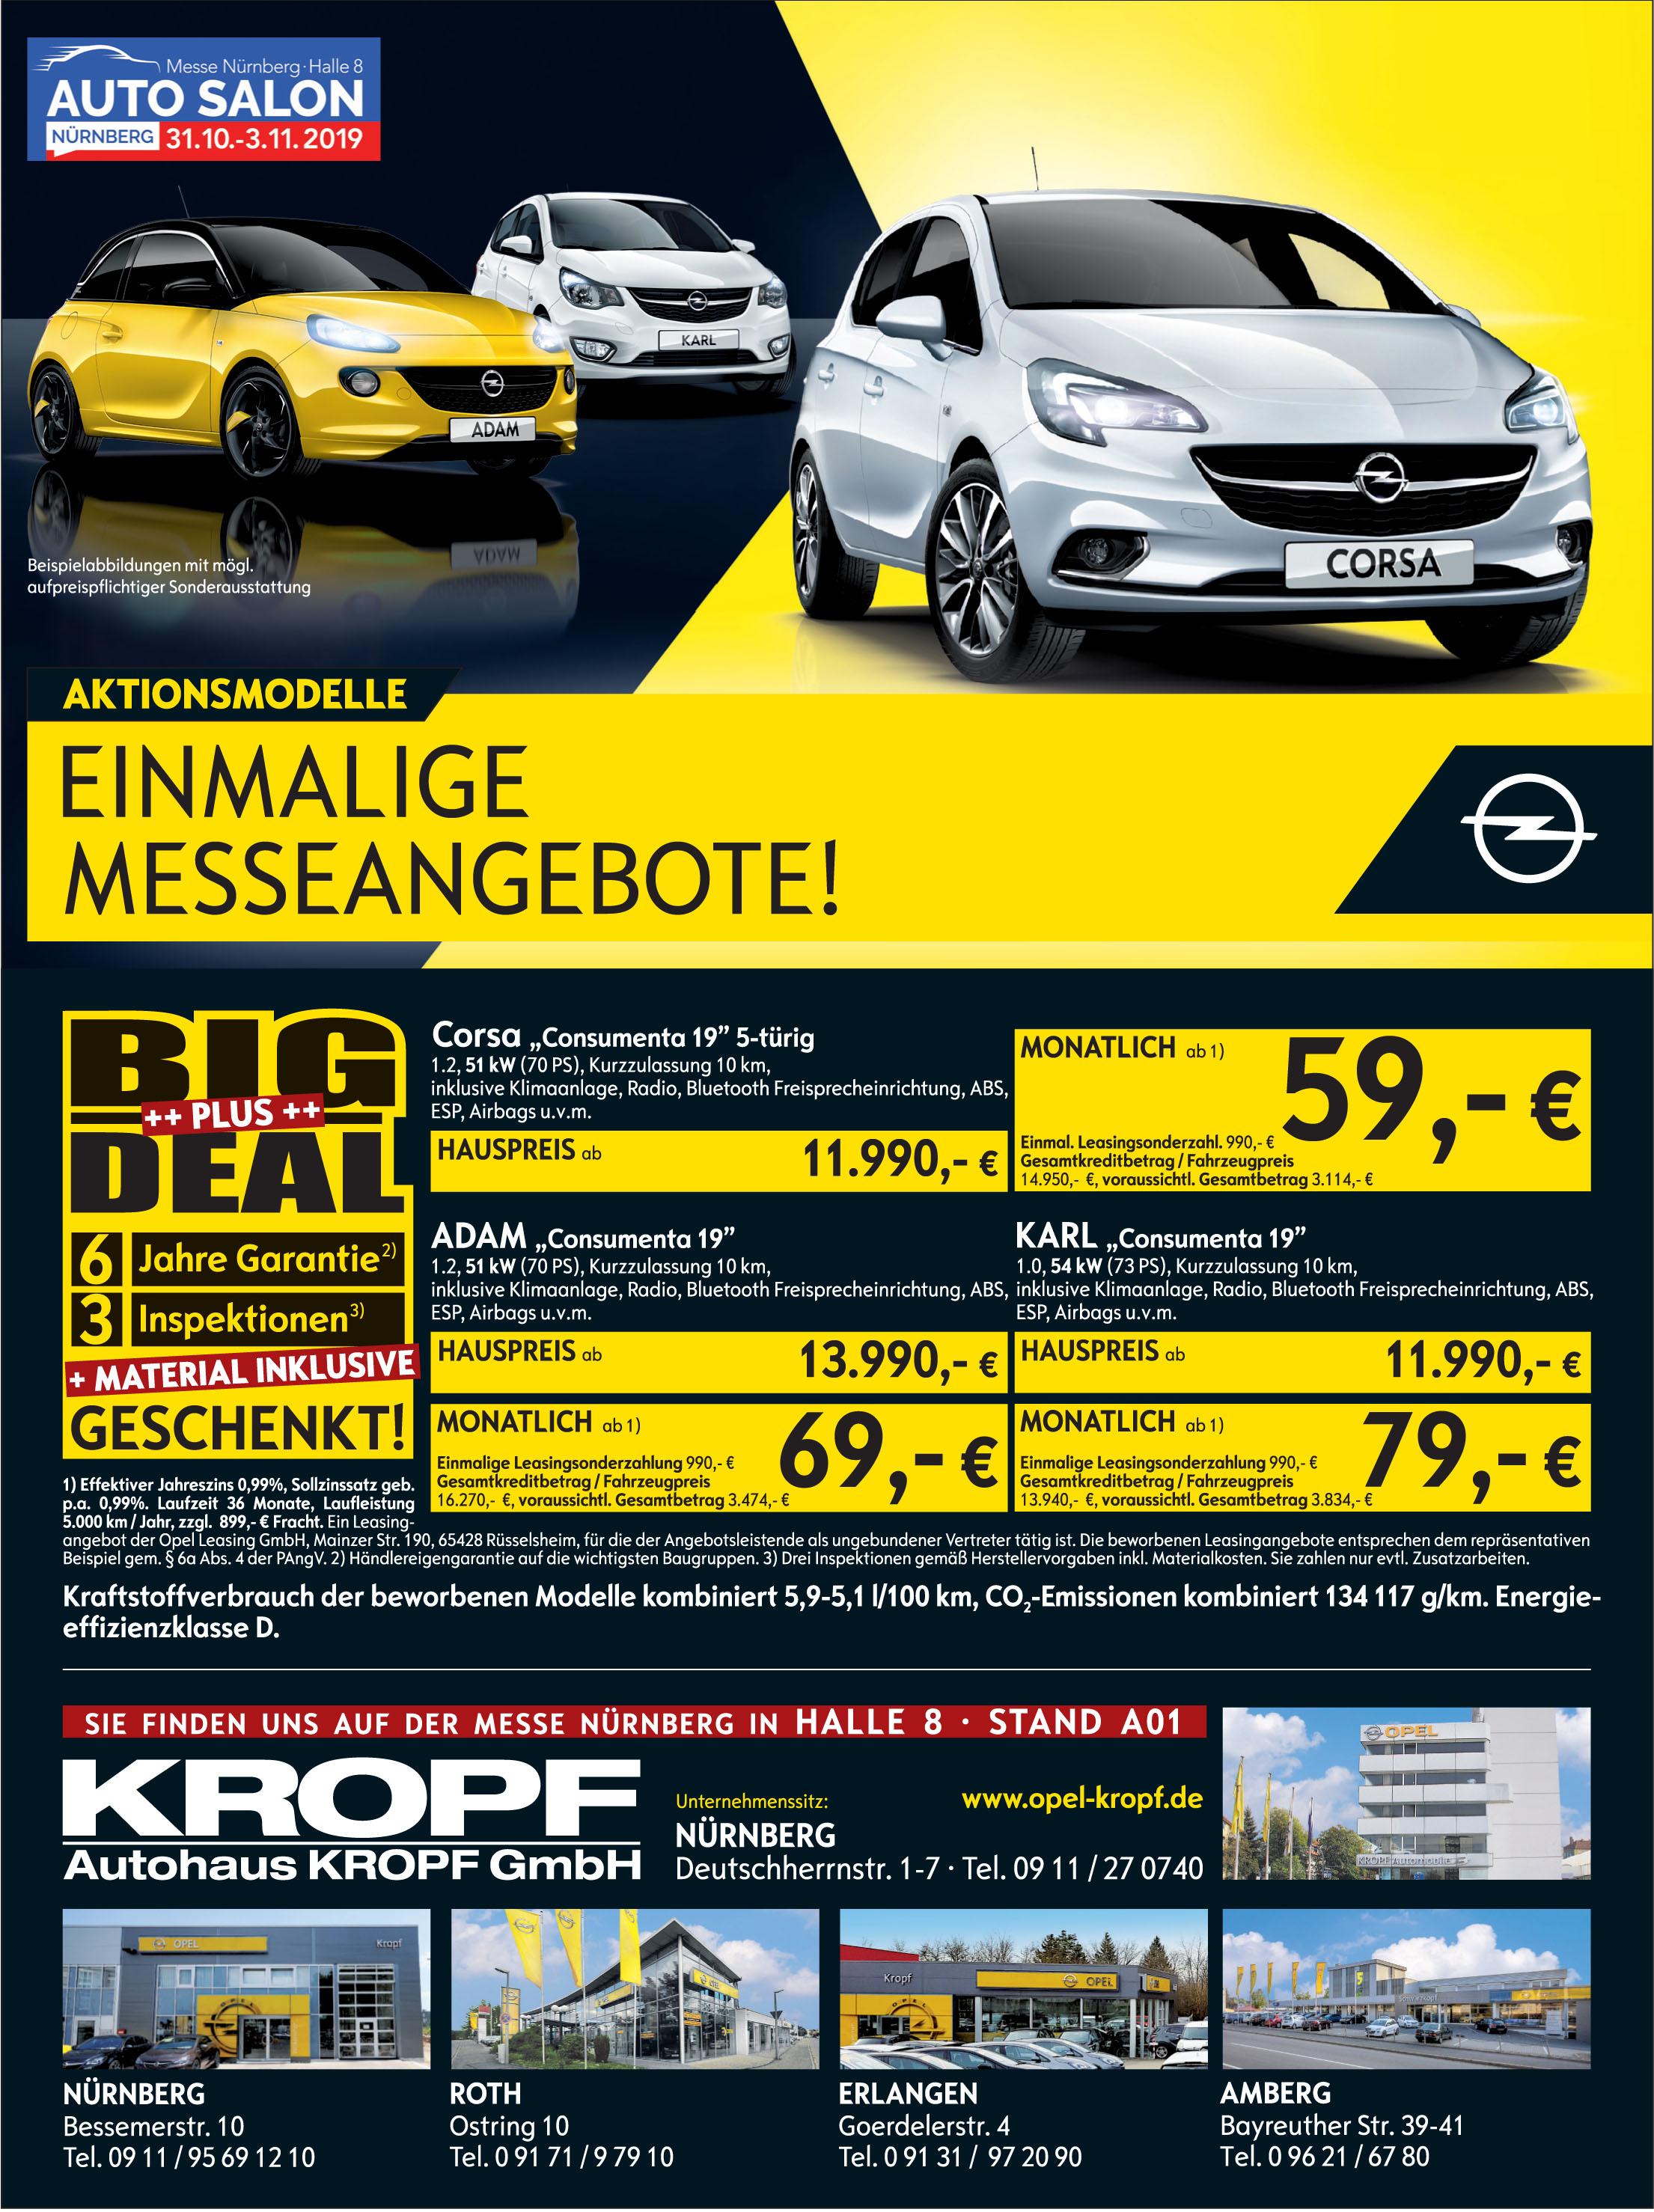 Opel Deutschland GmbH